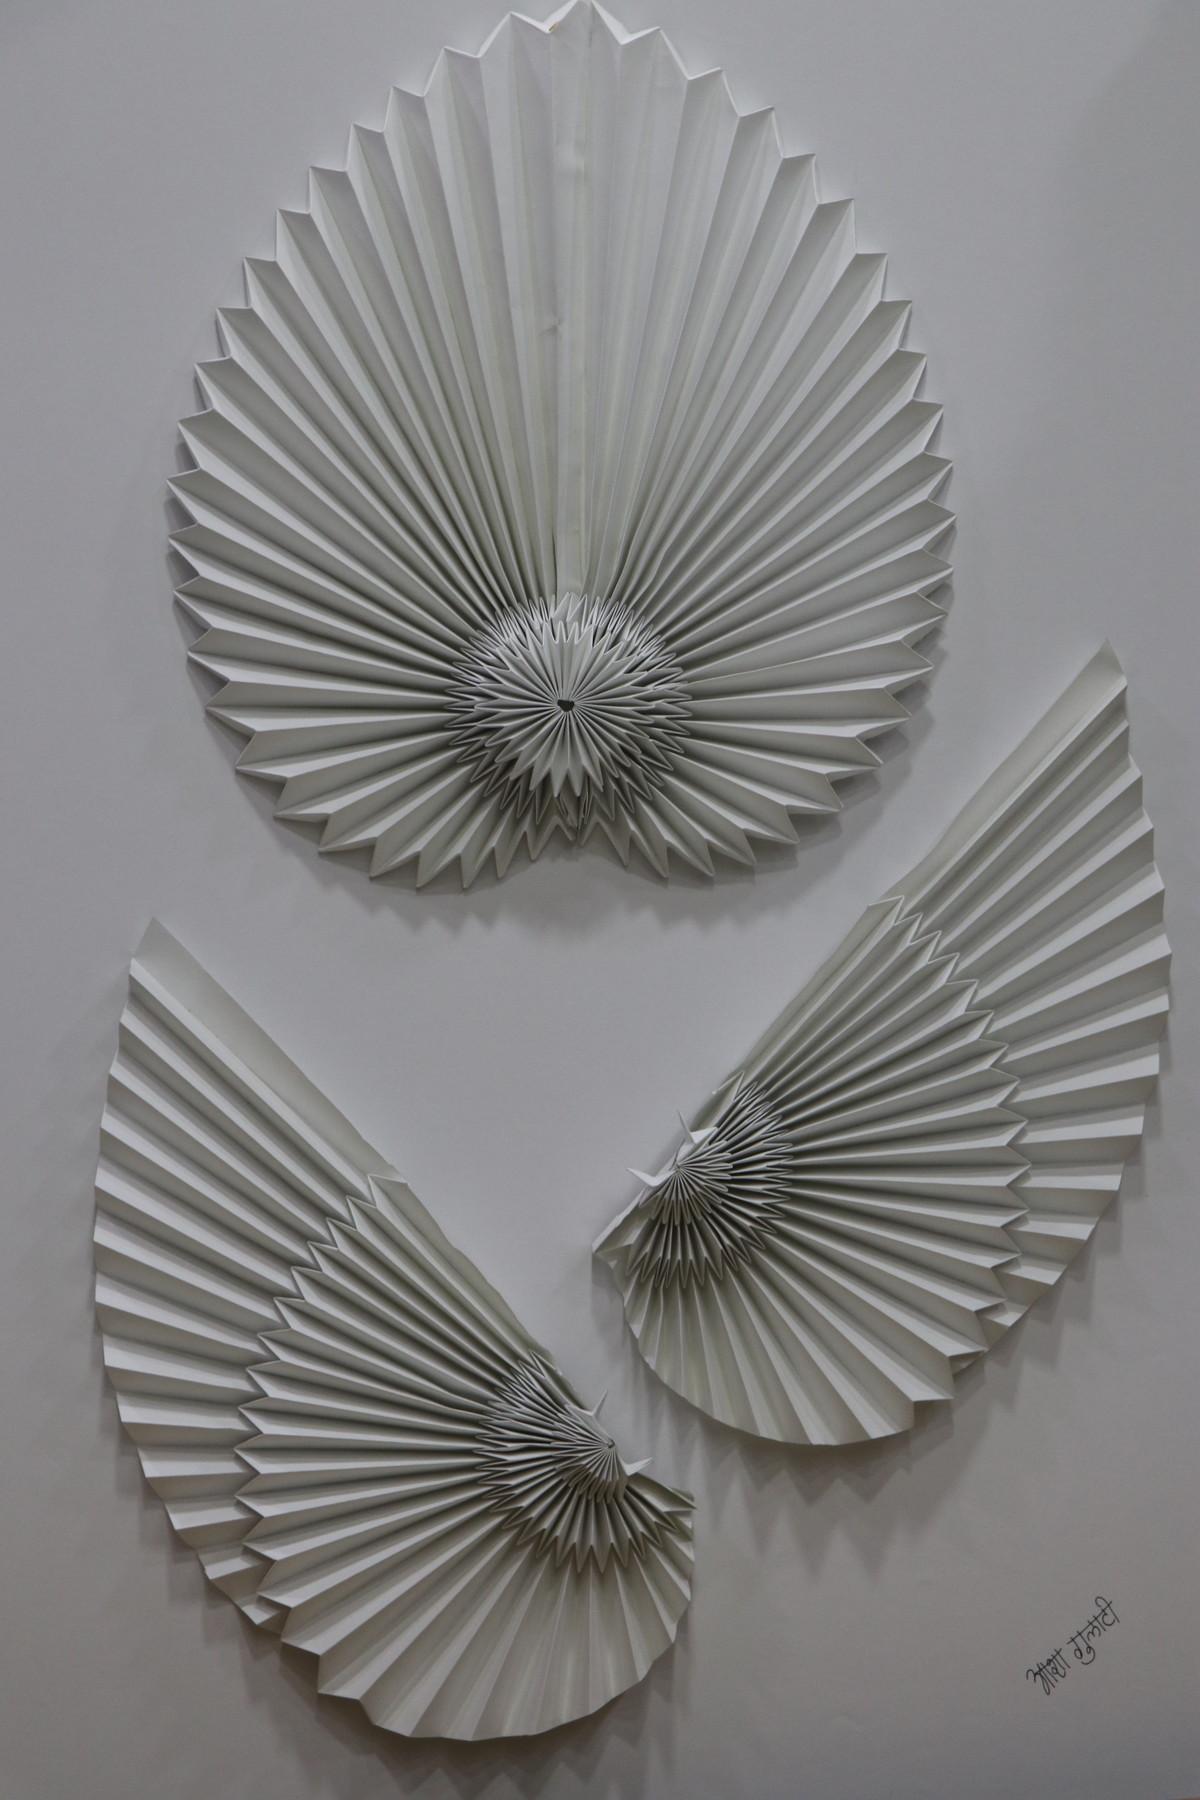 Conquer Your Dreams by Asha Gulati, Art Deco Sculpture   3D, Hand Cut Paper, Gray color